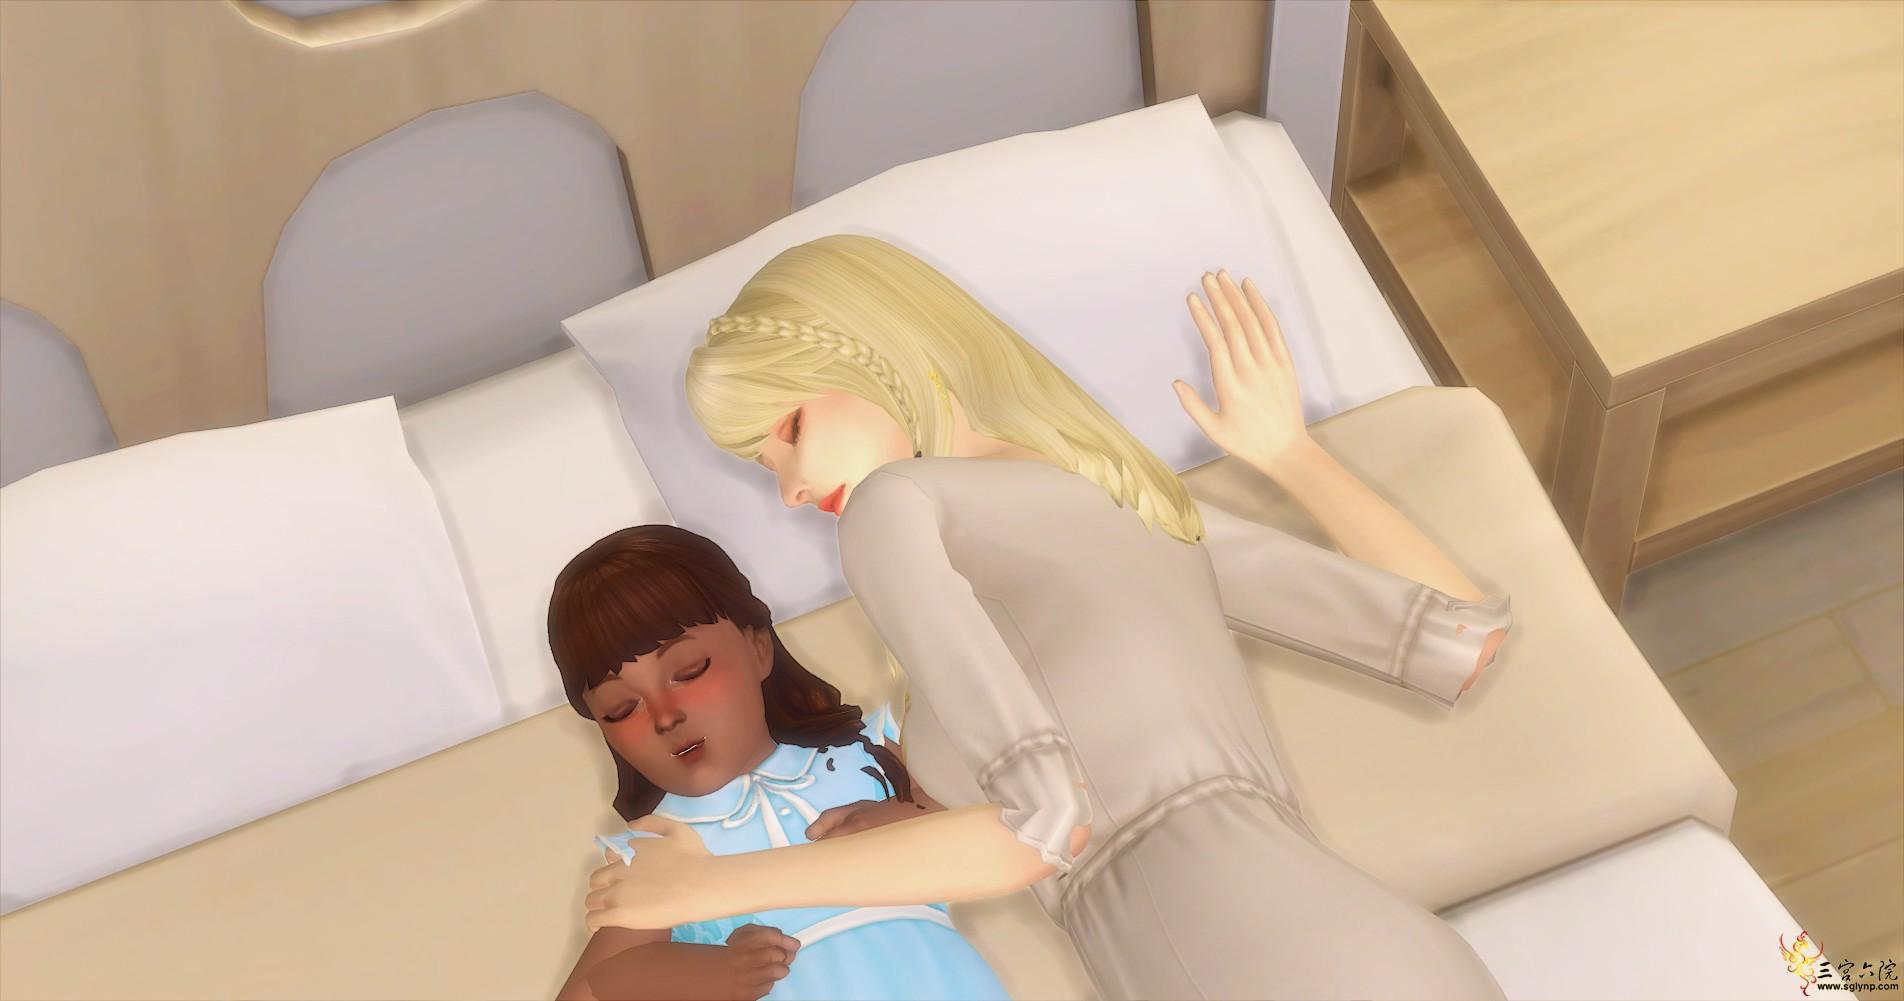 Sims 4 Screenshot 2021.02.11 - 14.59.43.89.png